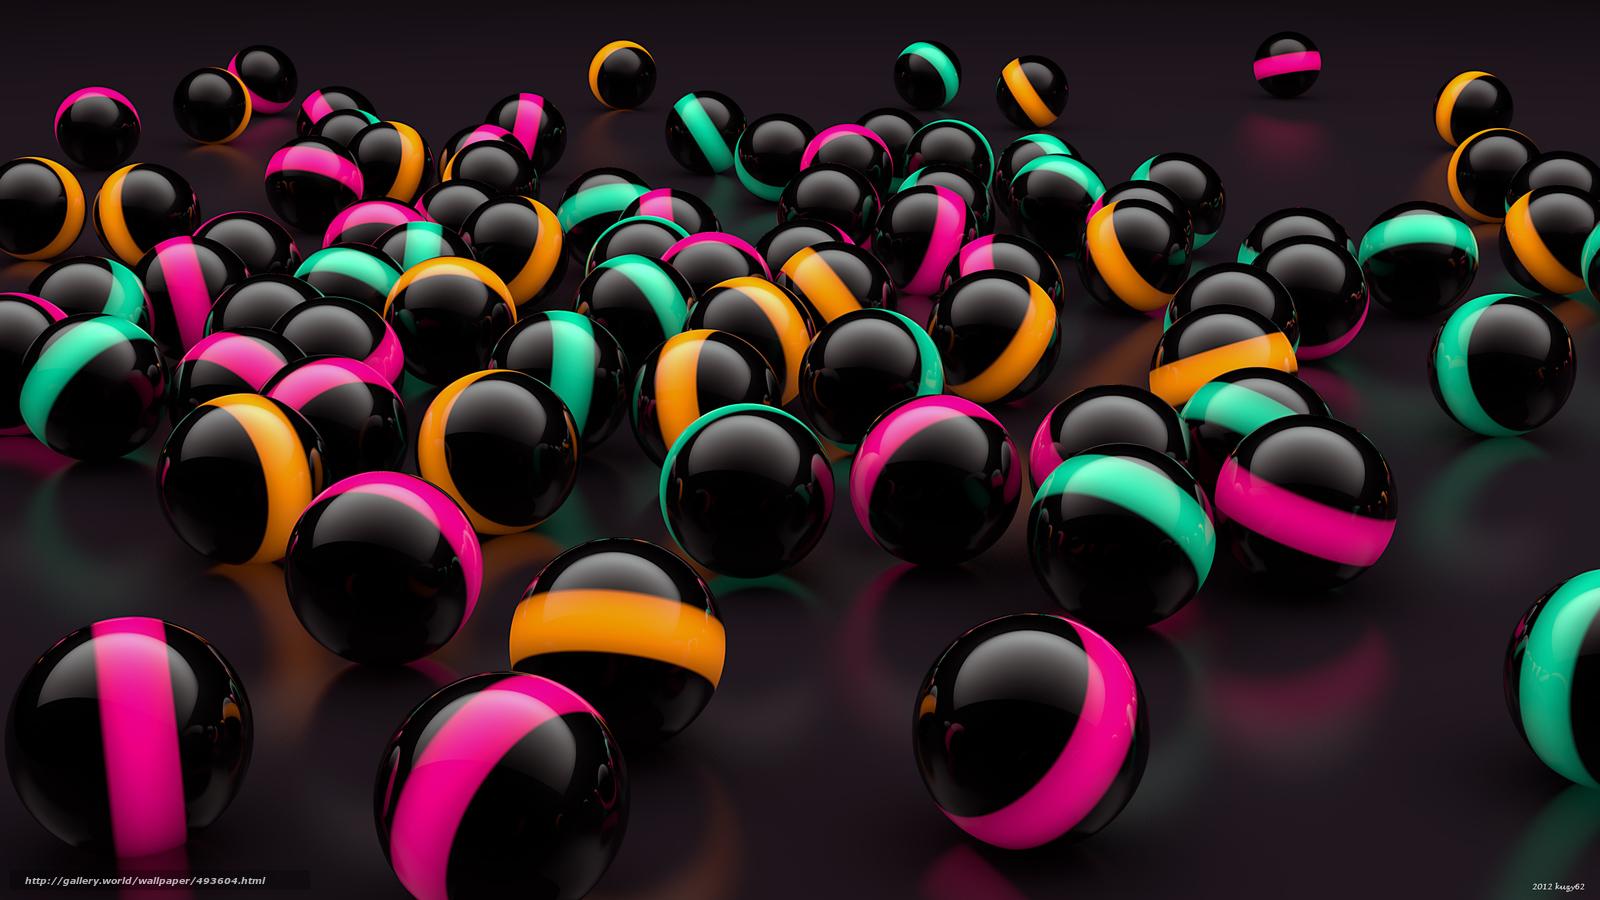 Скачать обои digital art,  3d,  шары бесплатно для рабочего стола в разрешении 2560x1440 — картинка №493604